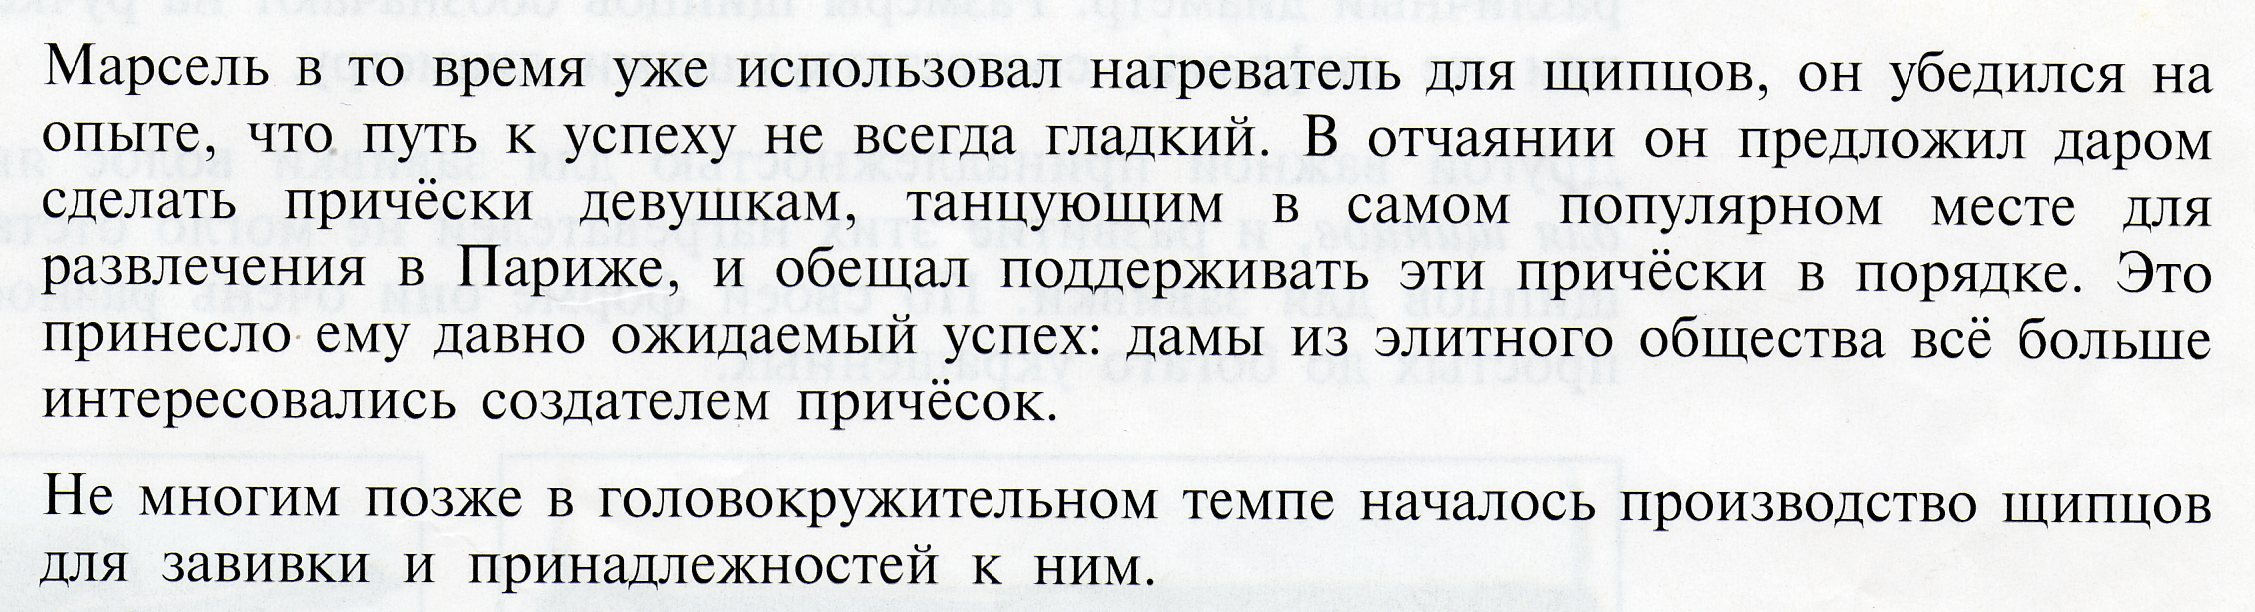 H:\открытый урок\История щипцы-Марселя\8.jpg